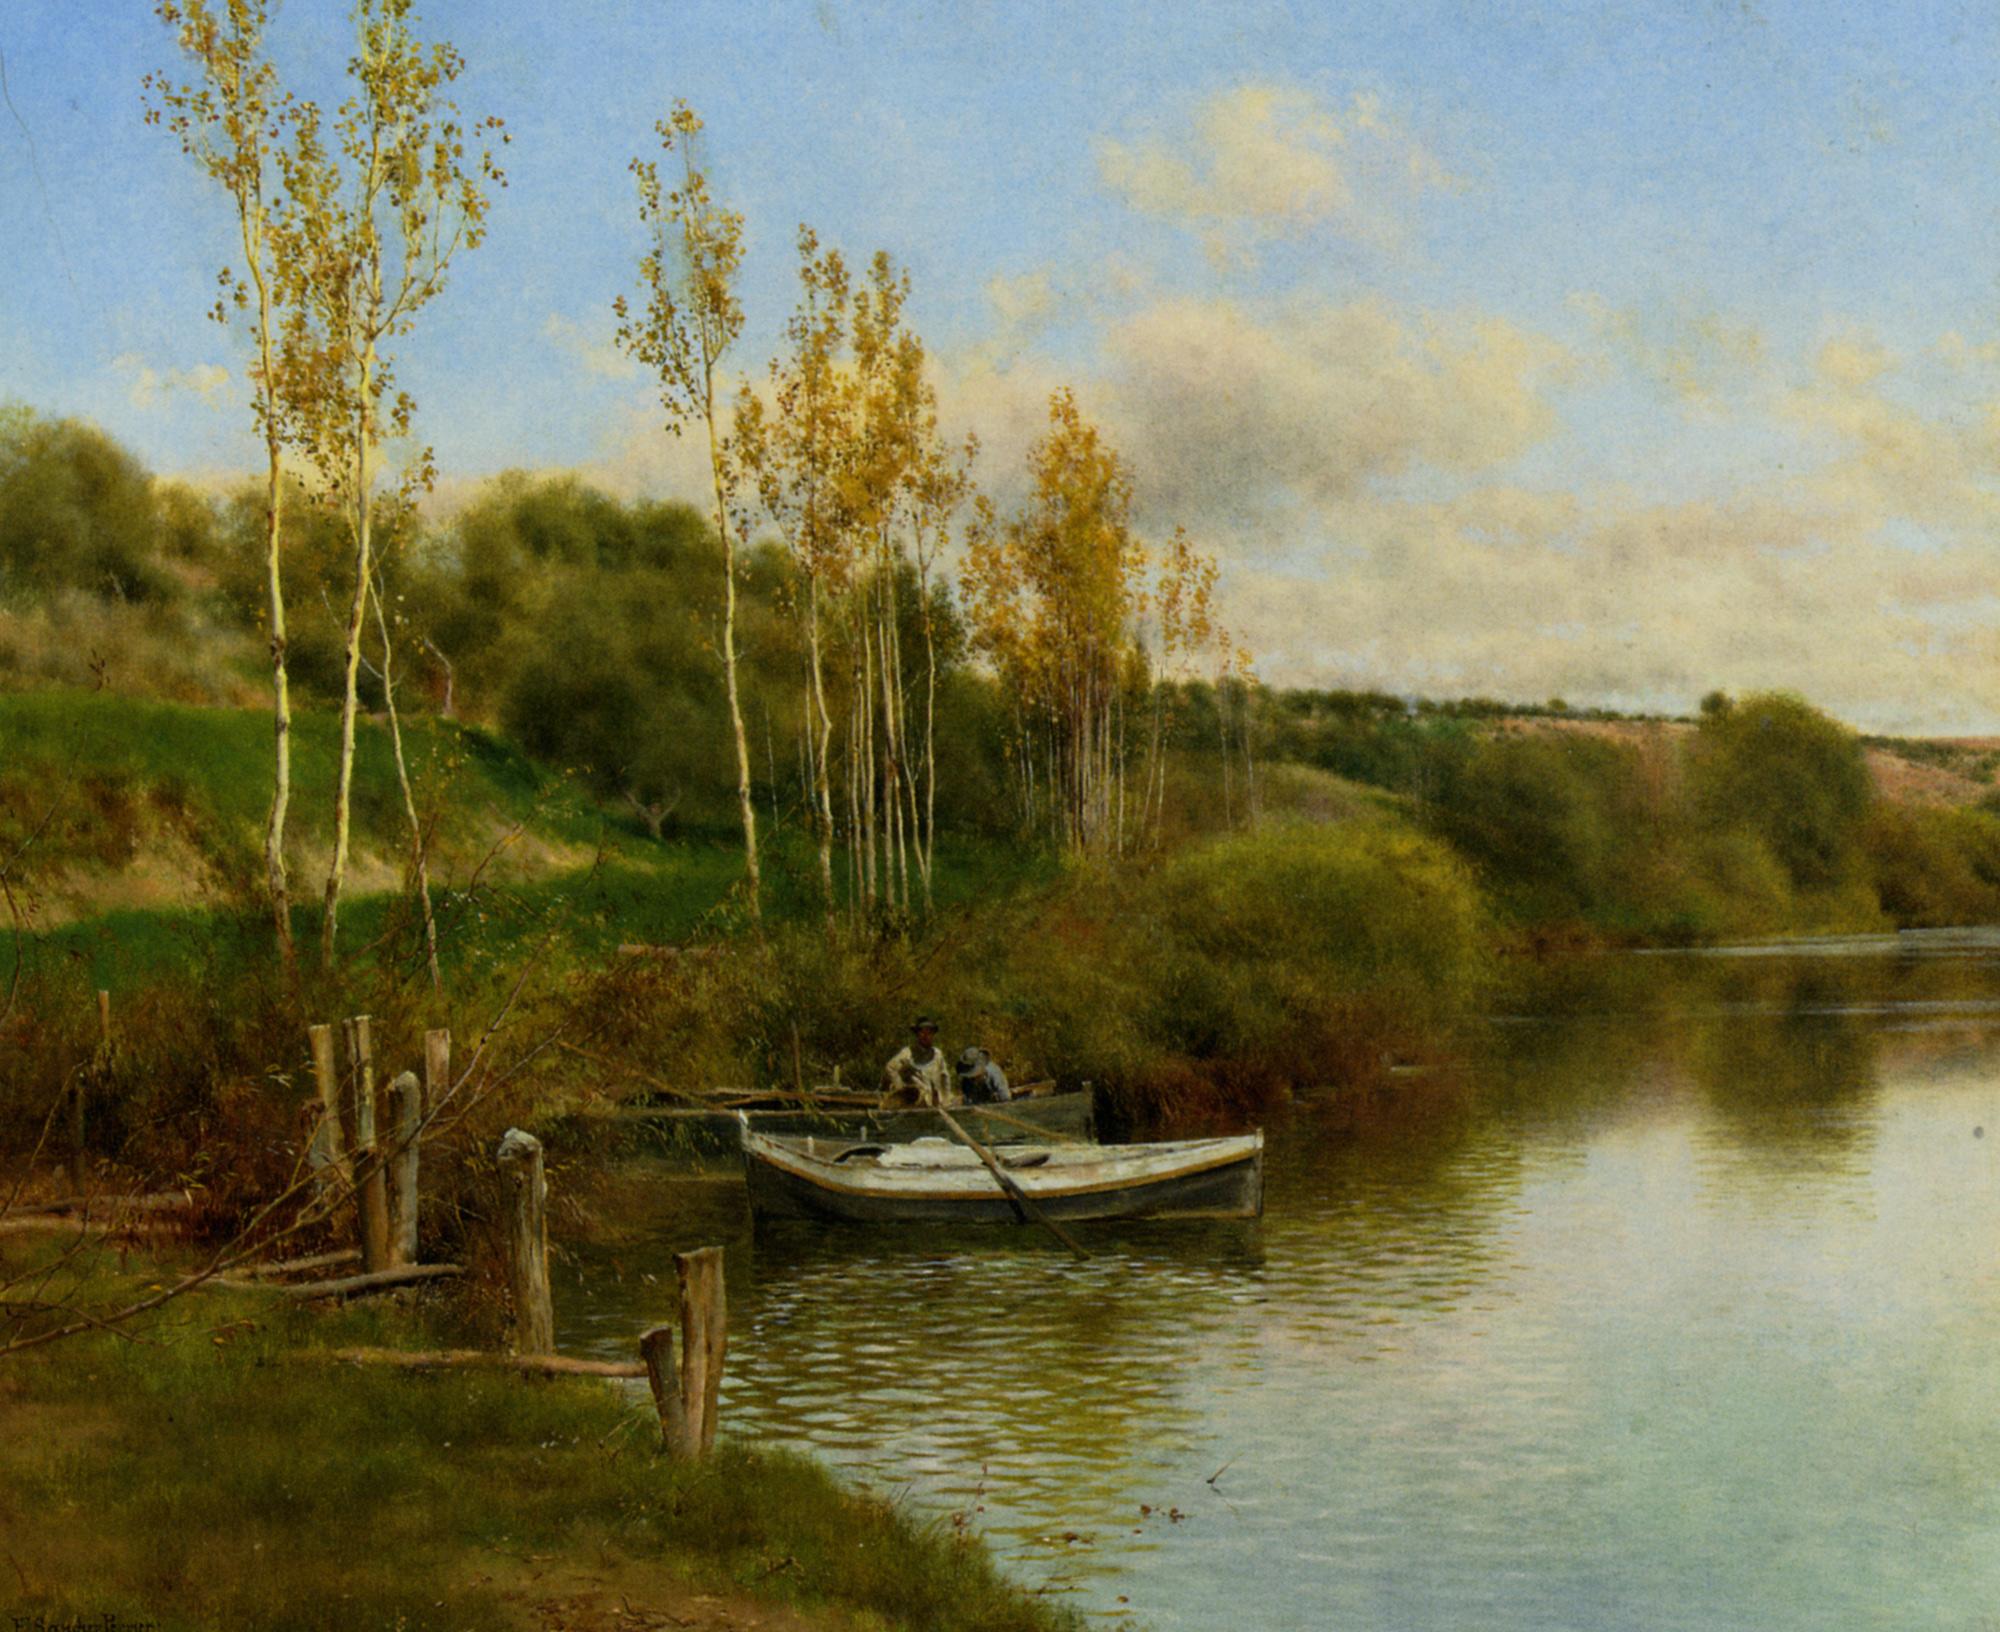 Summer Day :: Emilio Sanchez Perrier - River landscapes ôîòî